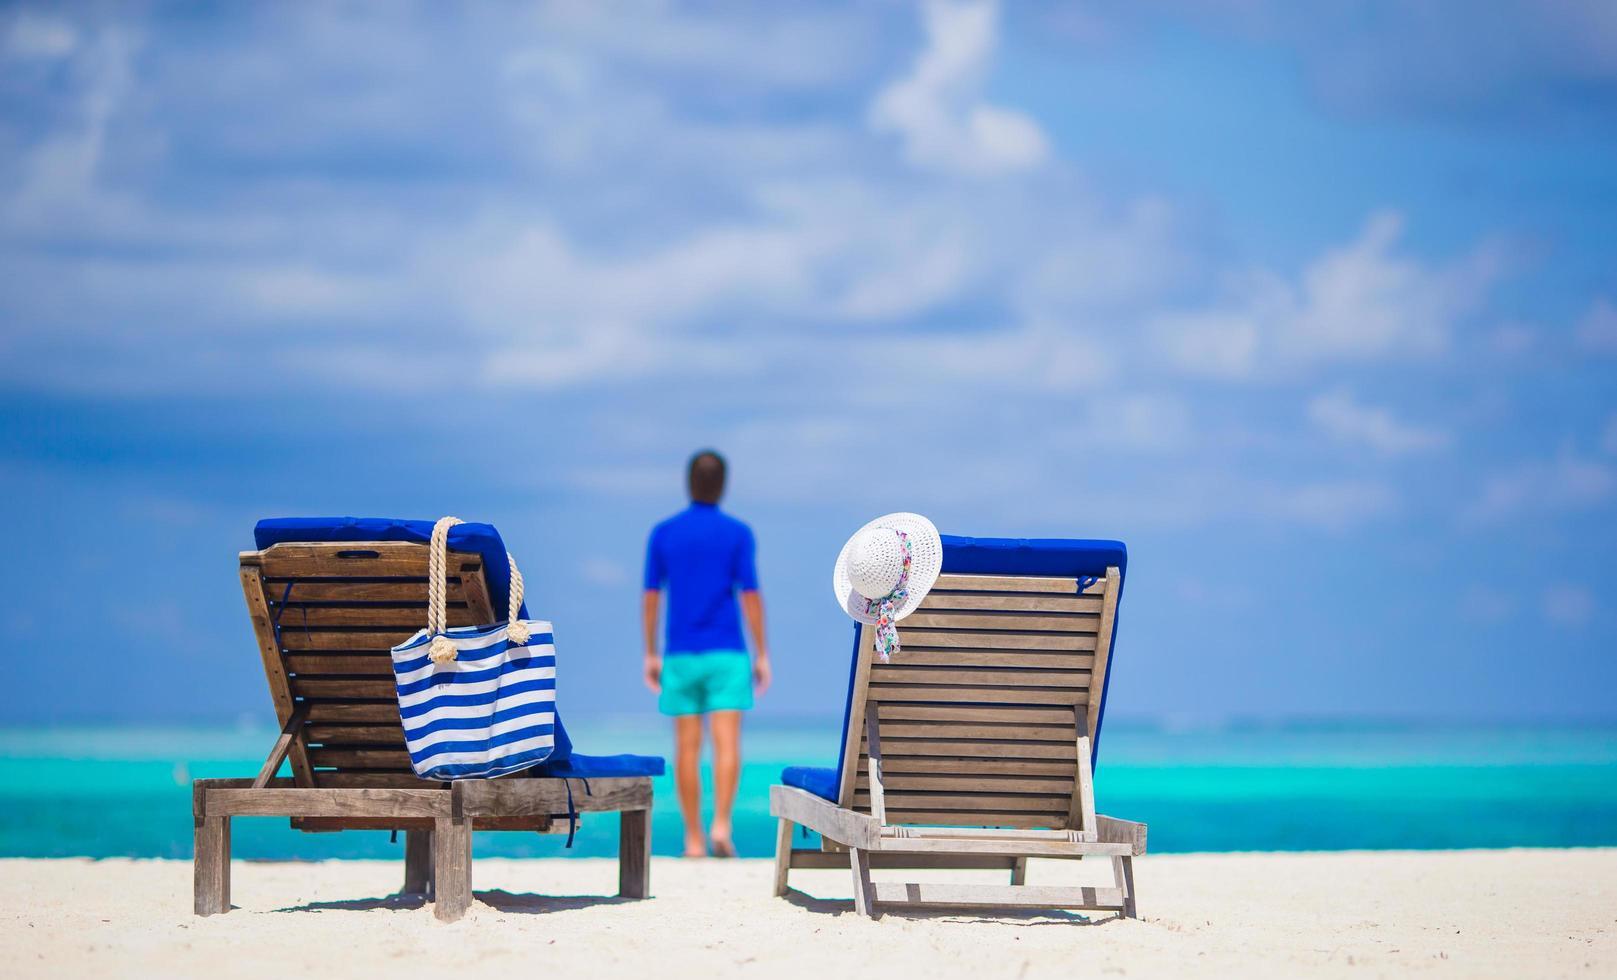 ligstoelen op een strand met een persoon in de verte foto